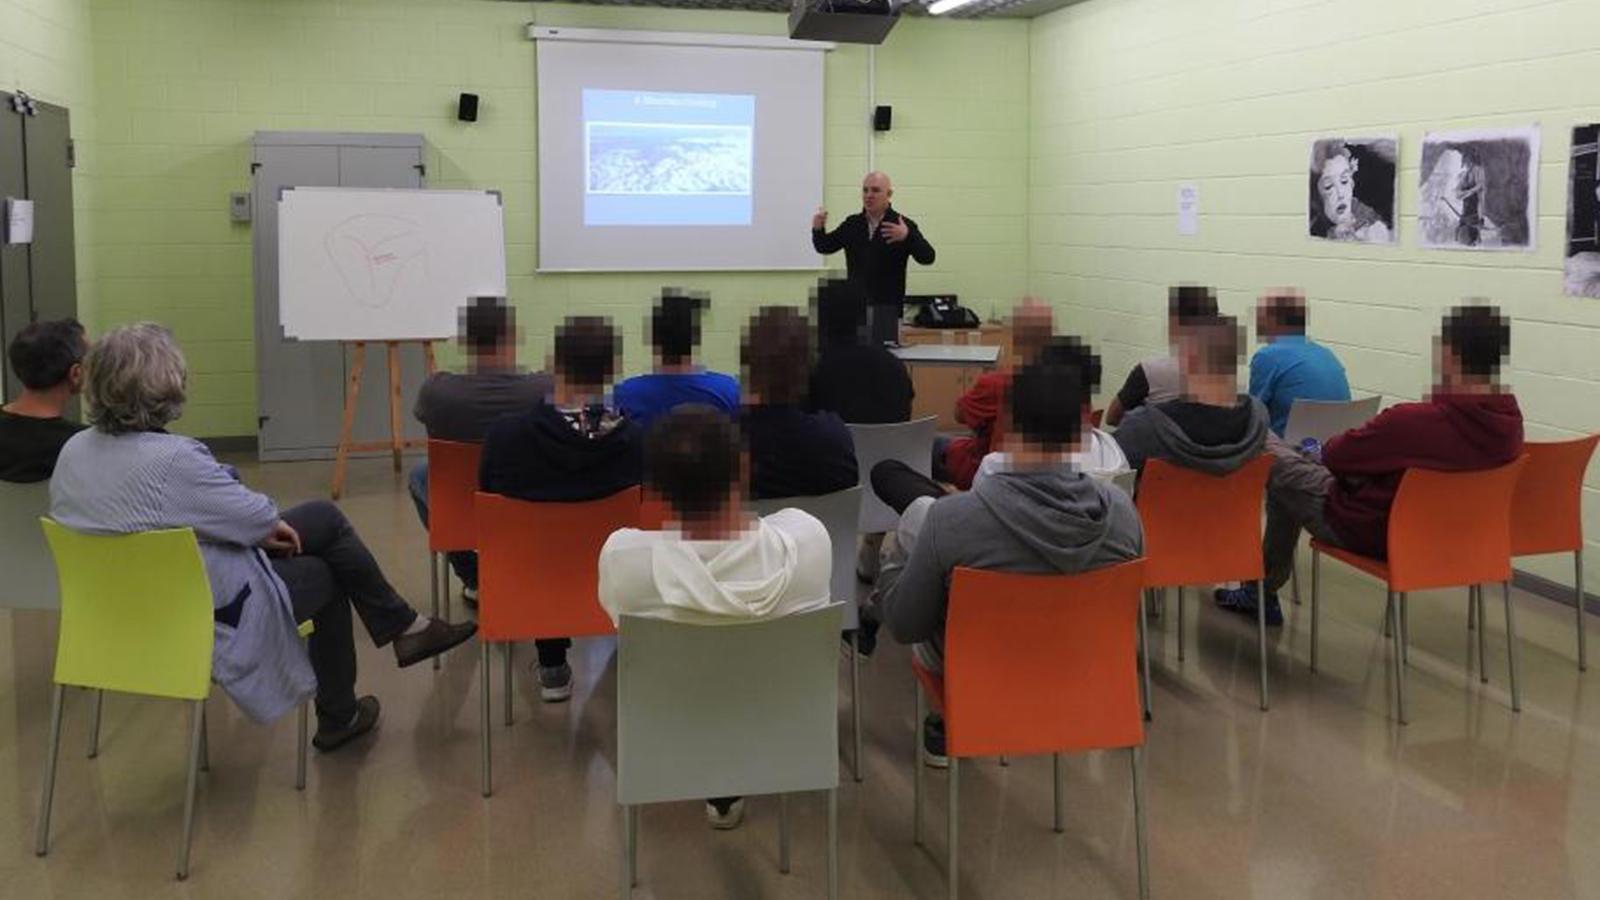 Un moment de la xerrada d'Albert Villaró al centre penitenciari. / SFG